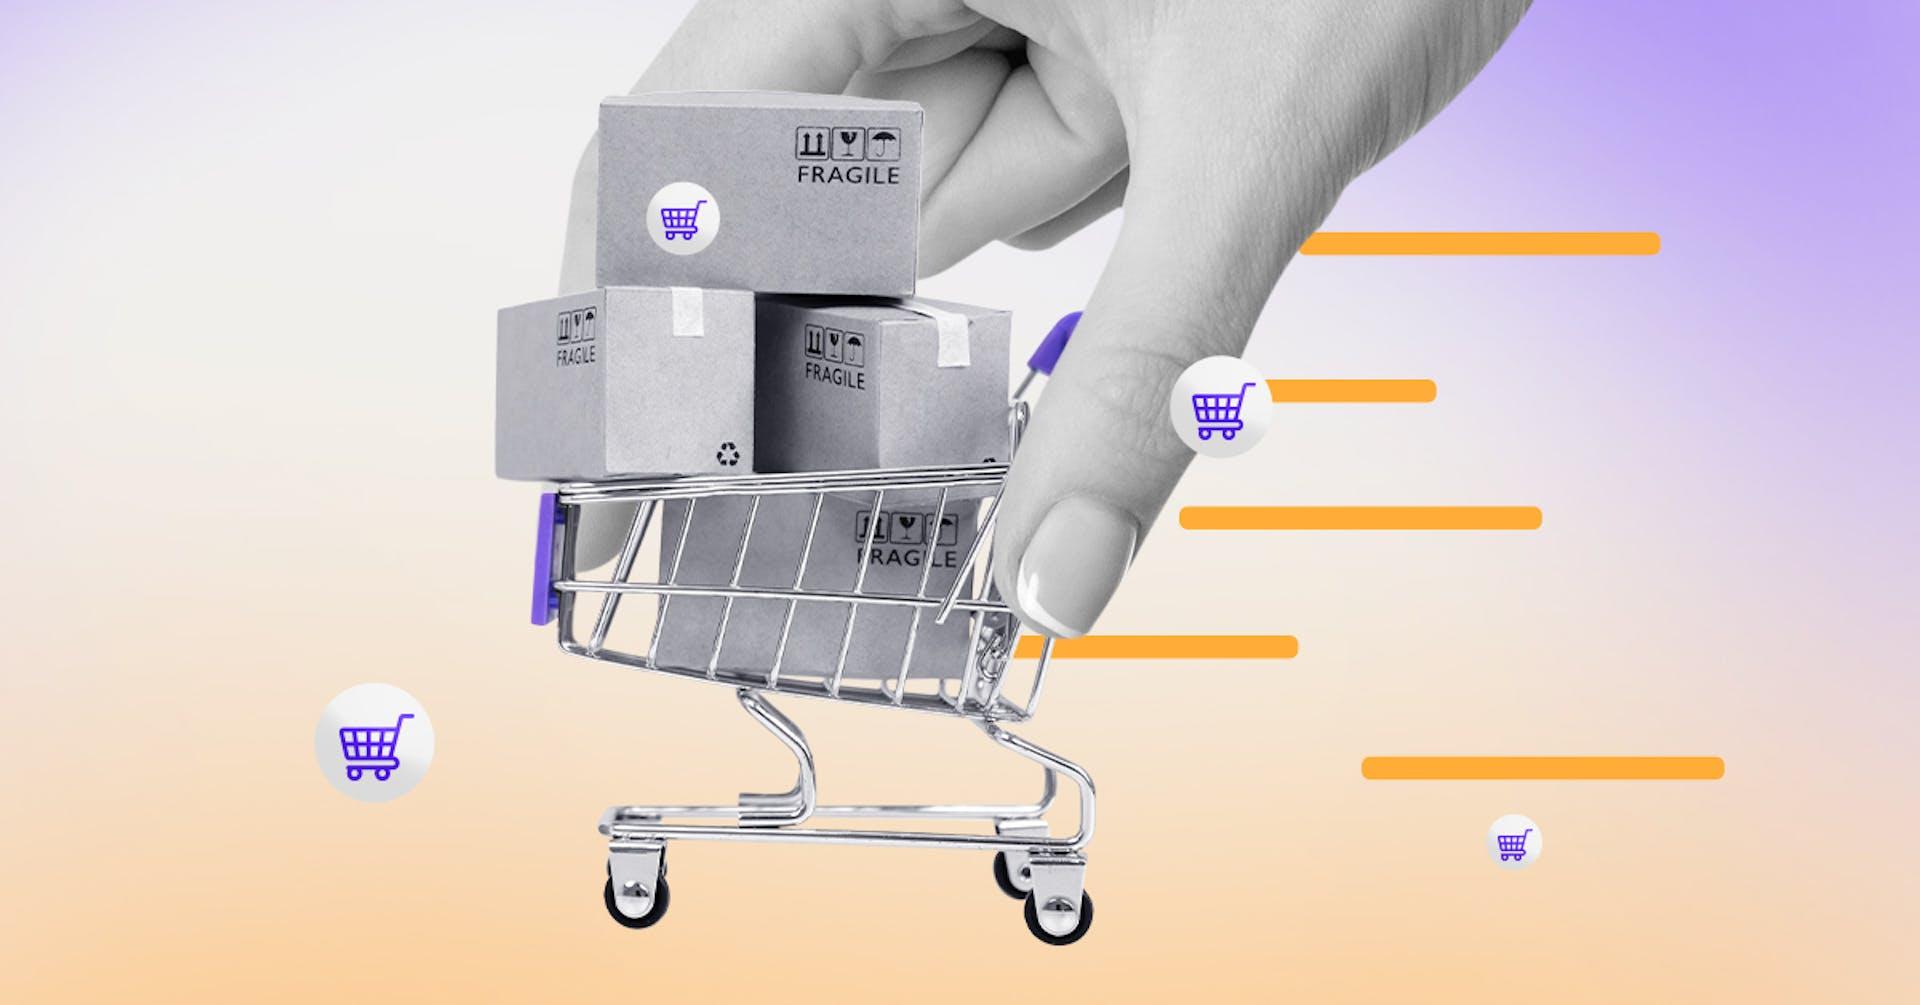 Tendencias en retail 2021: ¿Cómo mejorar la experiencia del cliente?